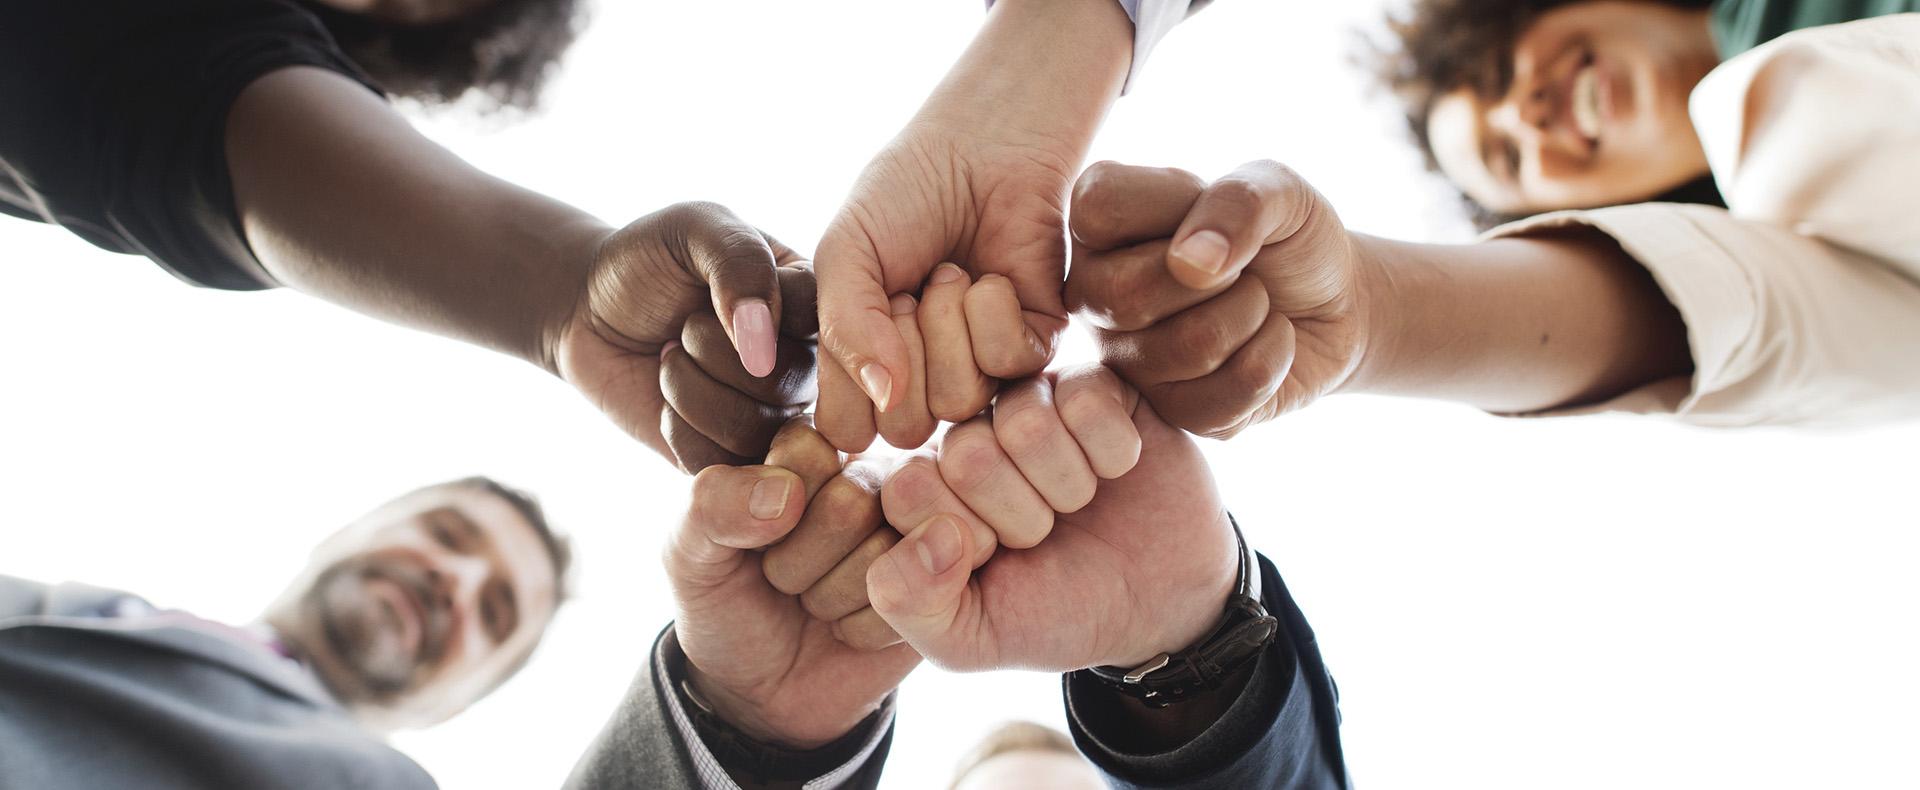 Empresas Aliadas: <ul><li>Sponsors: Colaborando con un aporte a MovilizaRSE y participando de los programas para el cumplimiento de los objetivos.</li><li> Voluntariado Corporativo: Organizar y/o participar de nuestros programas con tus compañeros de trabajo y sus familias.</li><li> Anuario: Participando con un aviso en el anuario de MovilizaRSE.</li></ul>